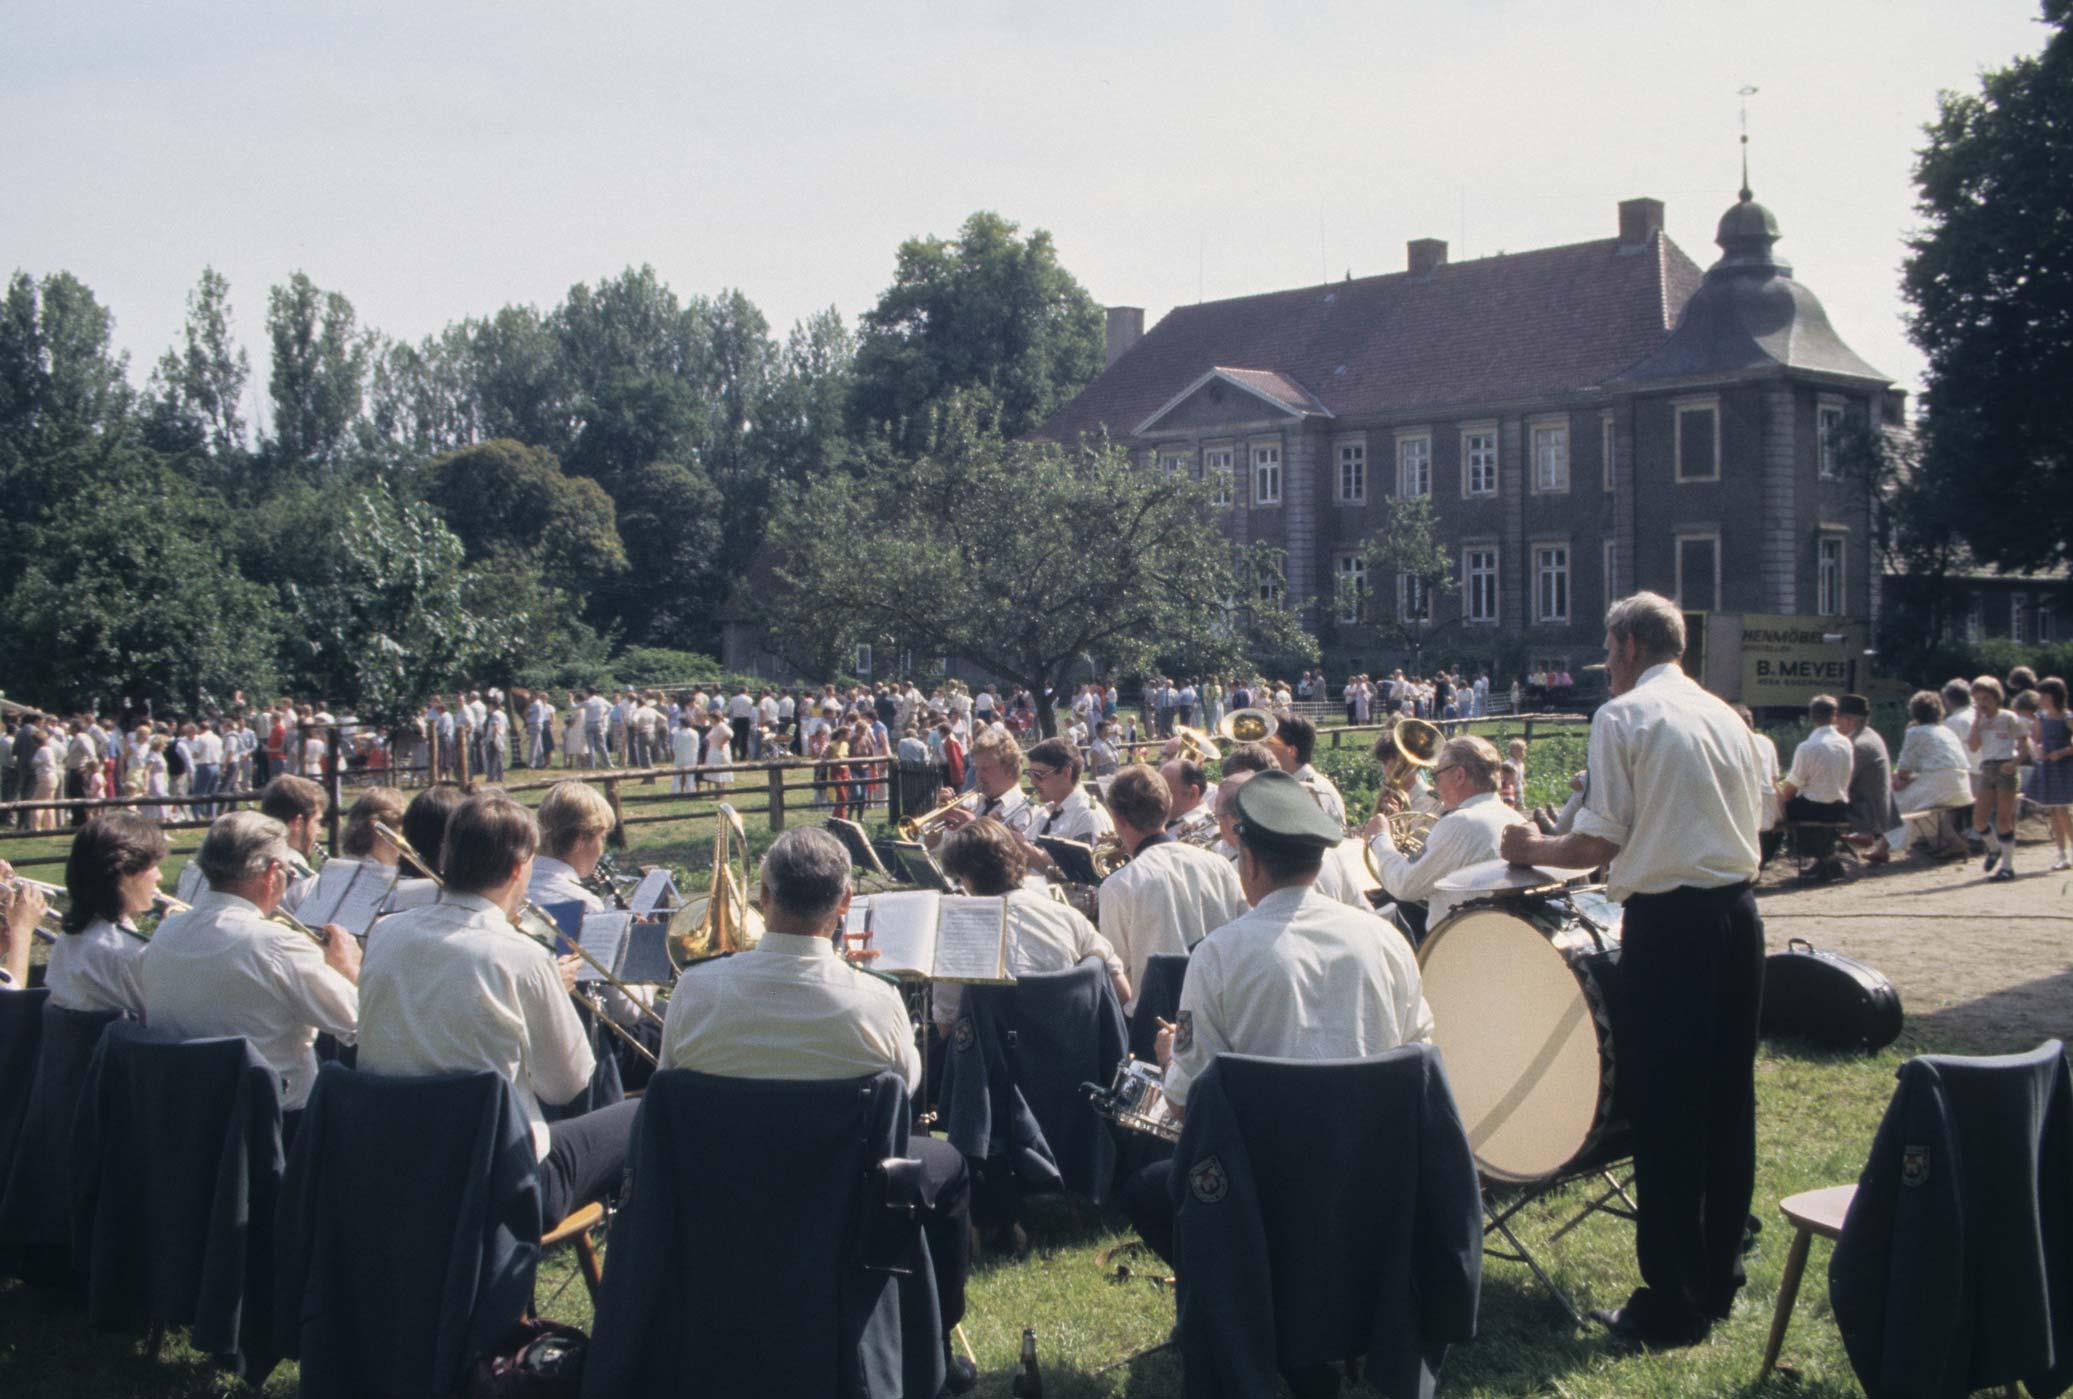 Im Jahre 1985 feierte der Heimat- und VERKEHRSVEREIN gemeinsam mit dem Reit- und fahrverein beim schloss Eggermühlen Ihr 10jähriges Bestehen. Foto: g.Geers